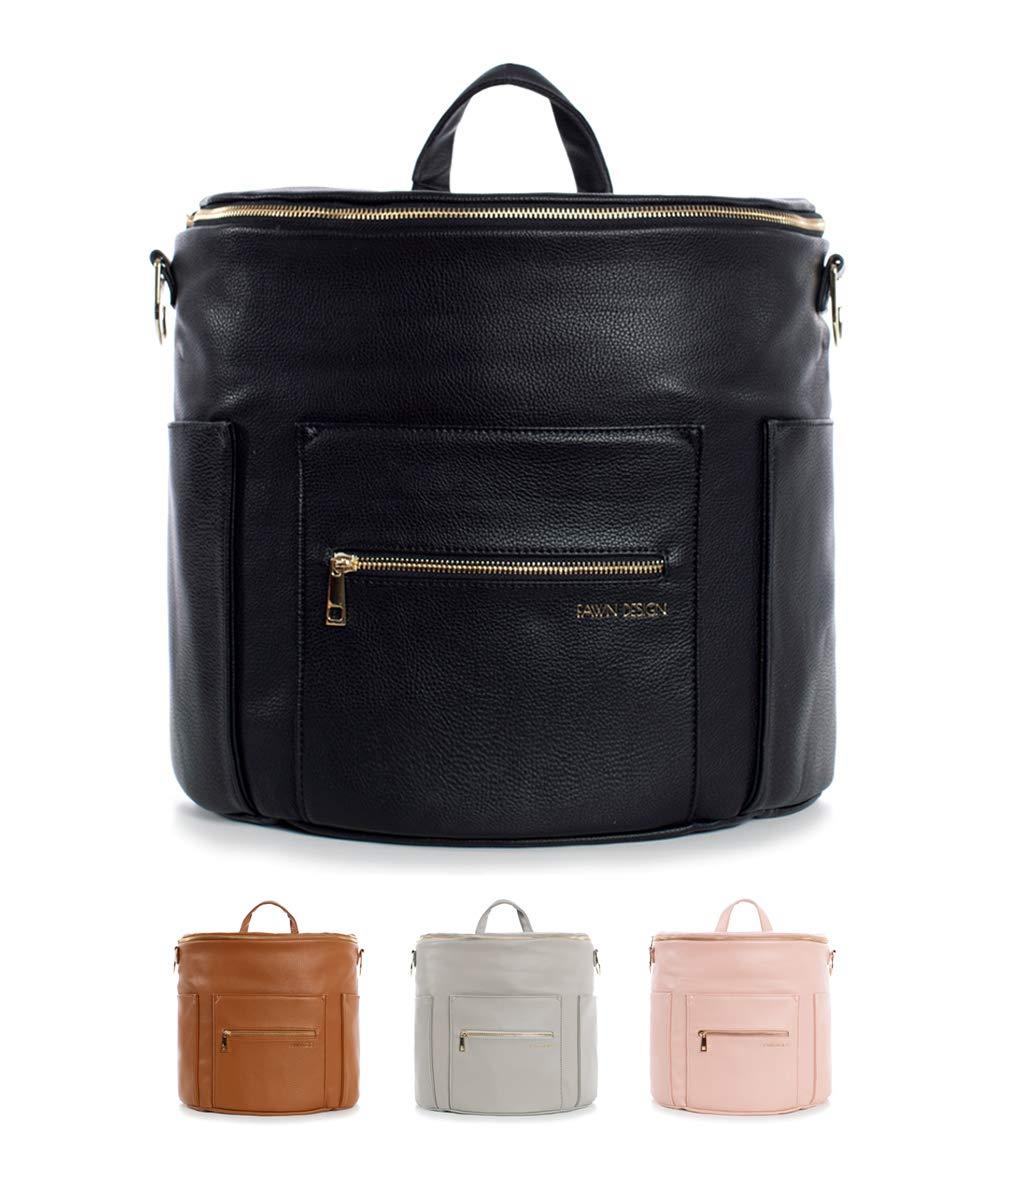 Fawn Design Premium Vegan Leather Diaper Bag and Backpack (Black 2.0)